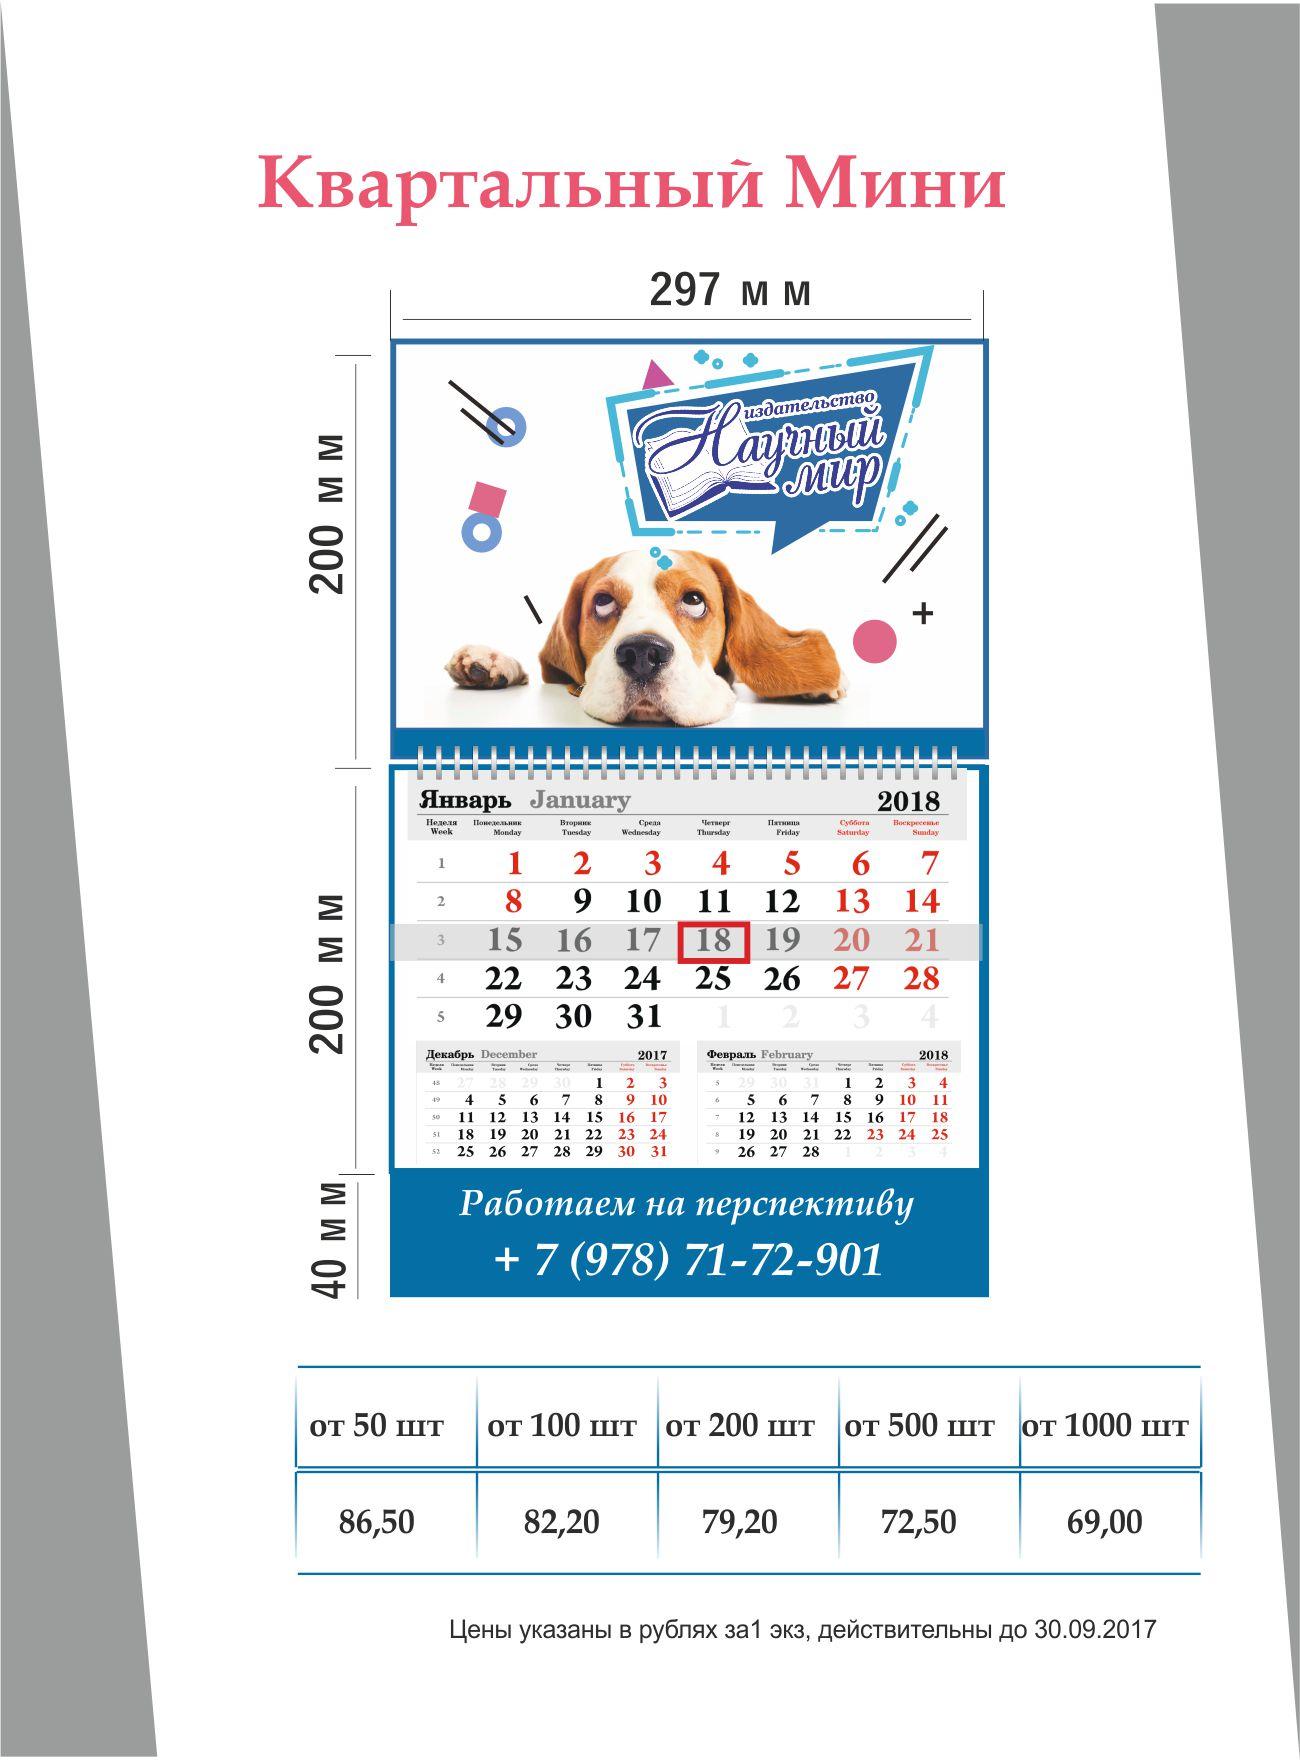 Календарь мини квартальный НМ_2